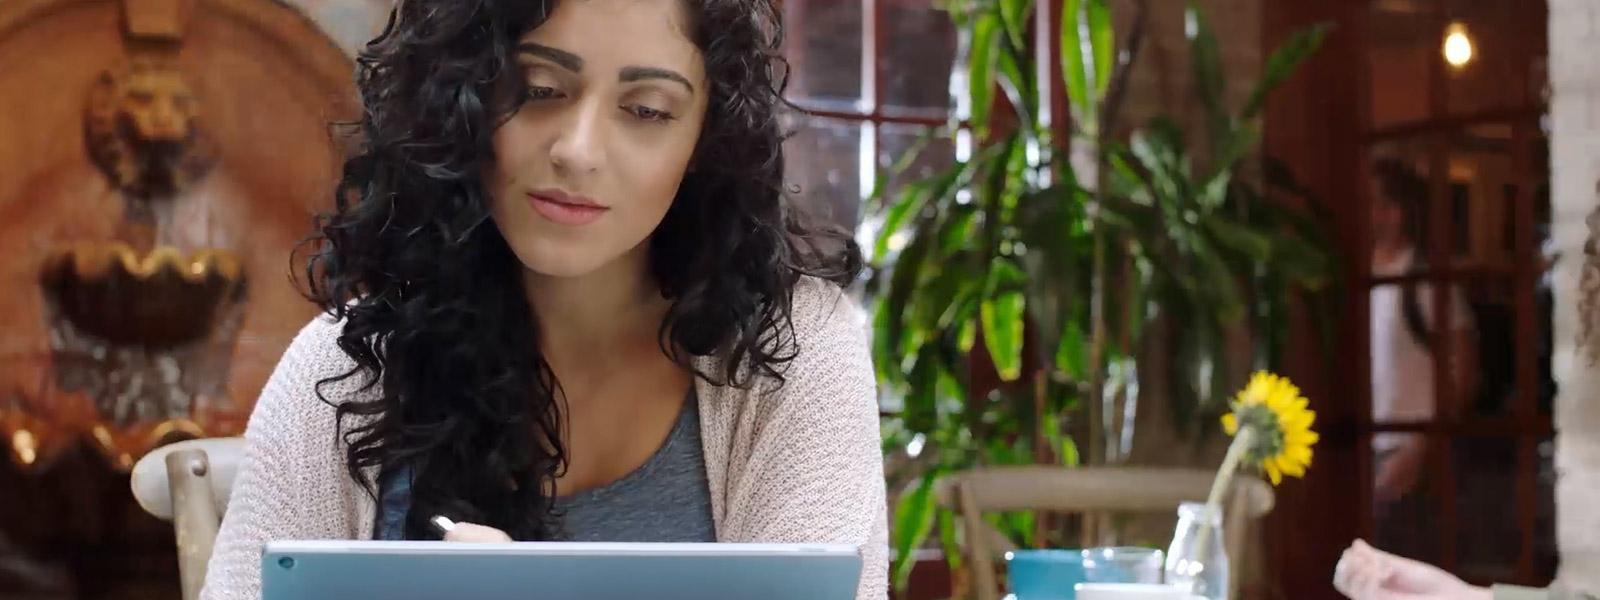 סימון בדיו ב-Windows Ink ב-Windows 10